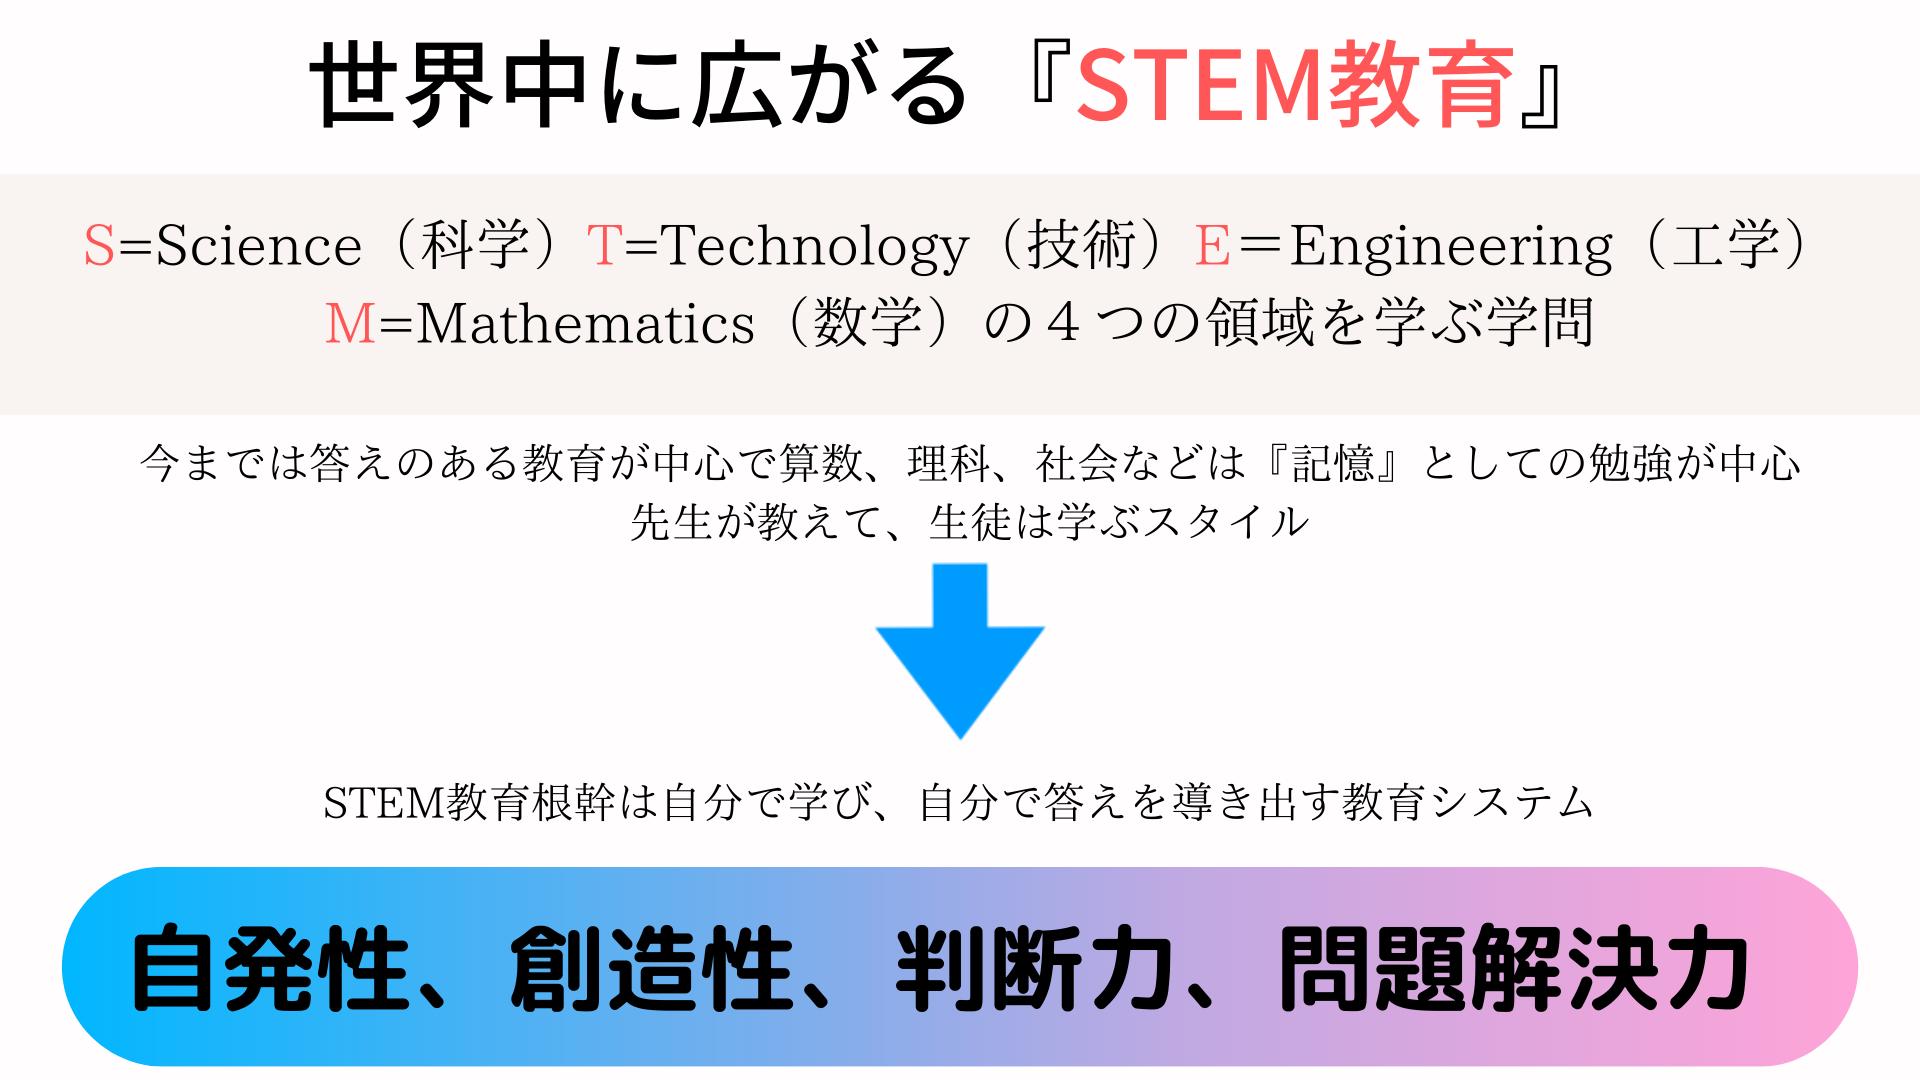 そもそもプログラミング的思考って? ロボット&プログラミング教室 ミコノス横浜 in 保土ヶ谷駅前校